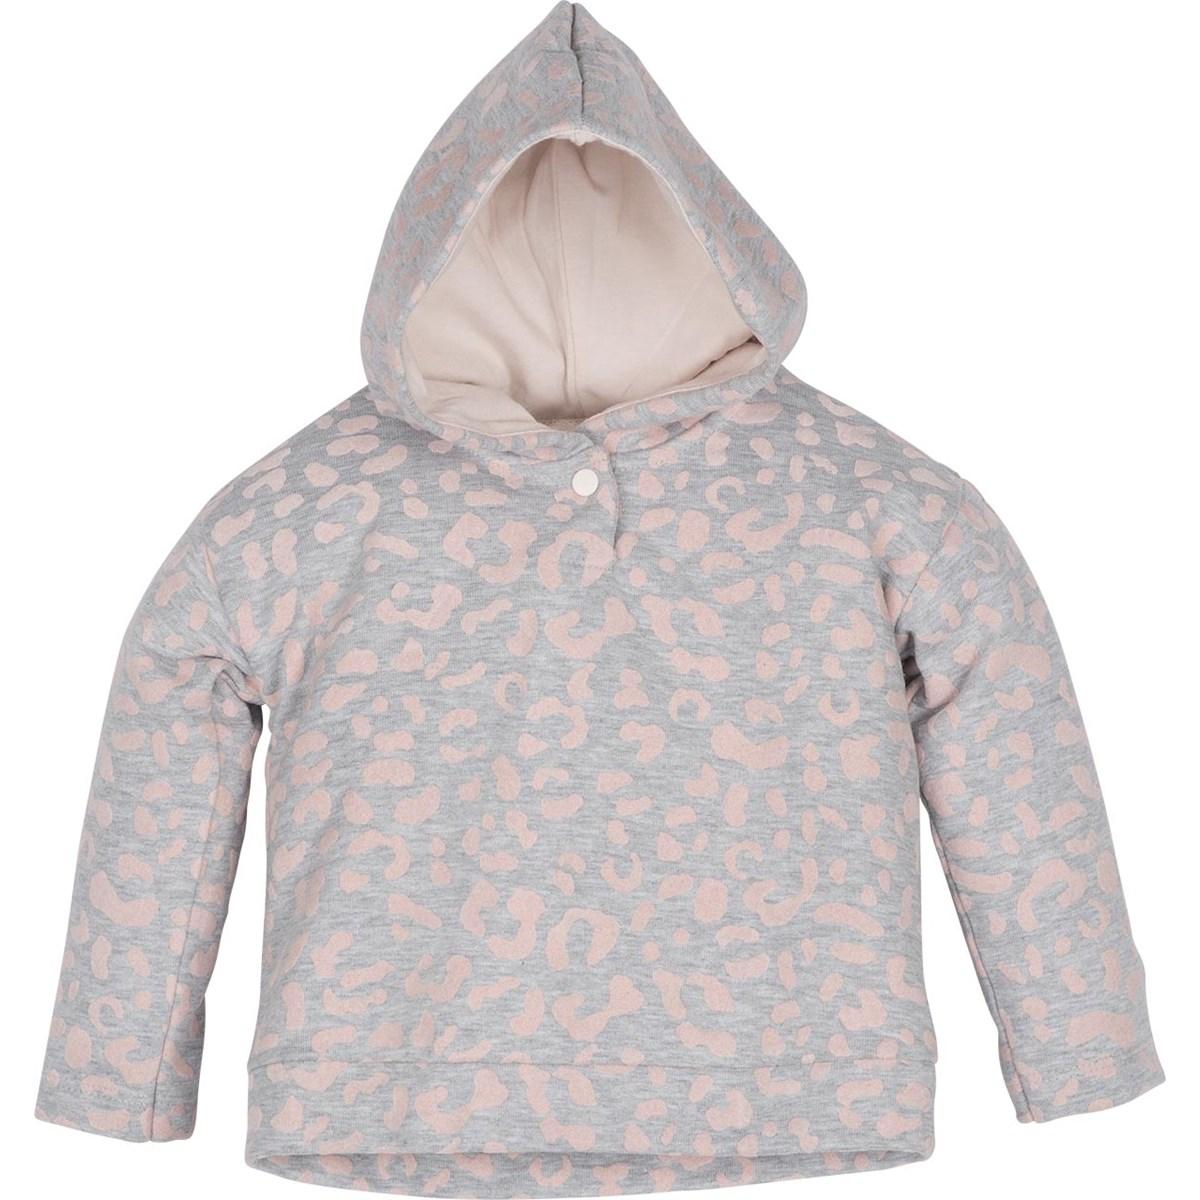 12316 Sweatshirt 1